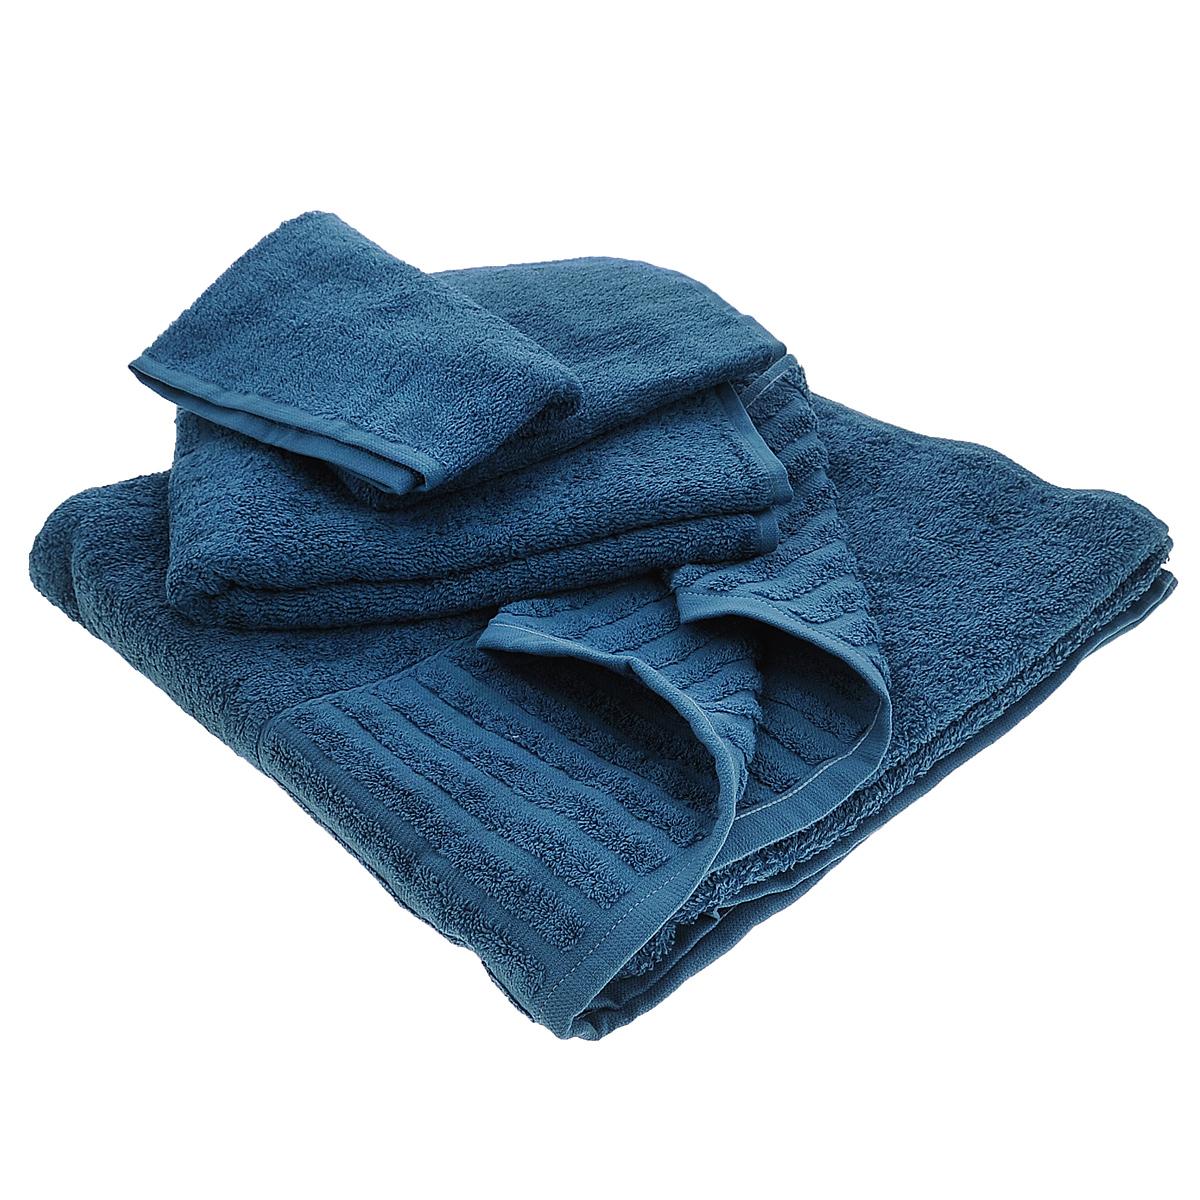 Набор махровых полотенец Bonita, цвет: черничный, 3 шт01011116347Набор Bonita состоит из трех полотенец разного размера, выполненных из натурального хлопка. Такие полотенца отлично впитывают влагу, быстро сохнут, сохраняют яркость цвета и не теряют формы даже после многократных стирок. Полотенца очень практичны и неприхотливы в уходе. Размер полотенец: 40 см х 70 см; 50 см х 90 см; 70 см х 140 см.